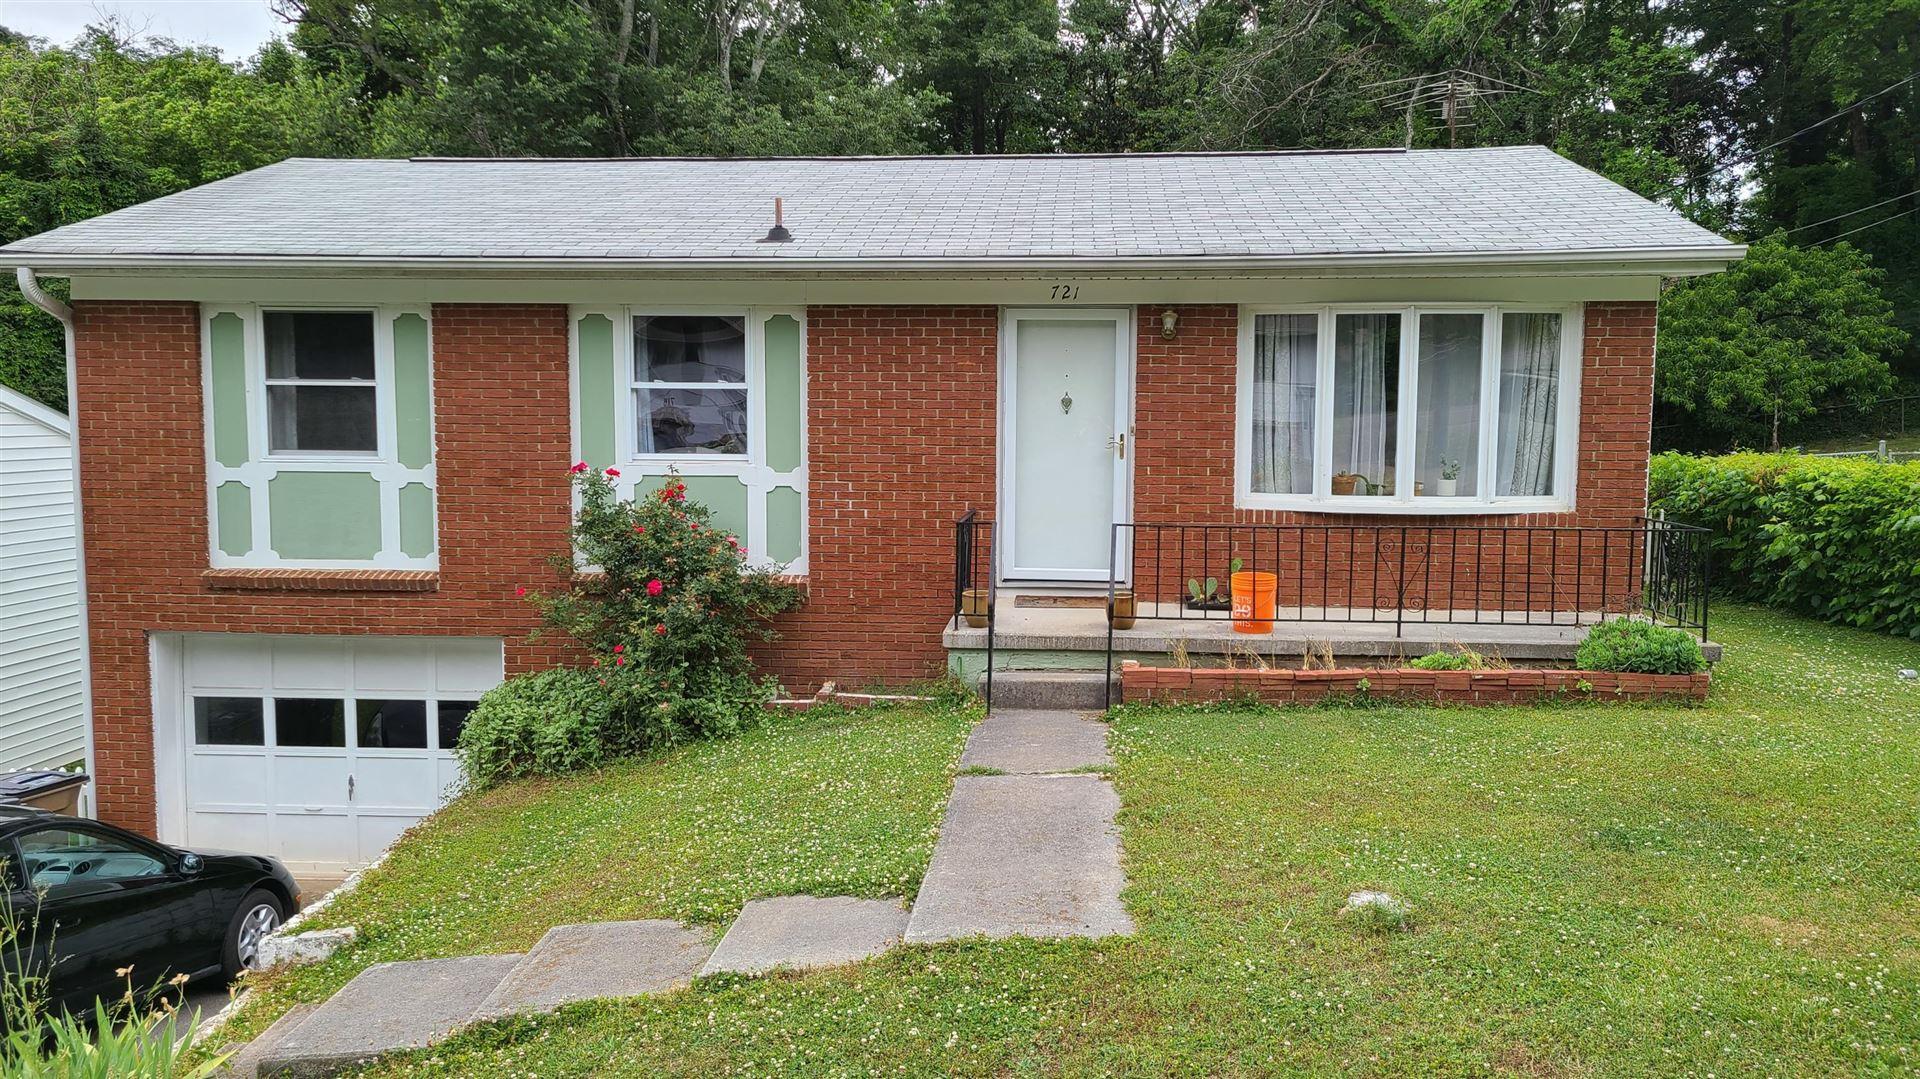 721 Lippencott St, Knoxville, TN 37920 - MLS#: 1155883